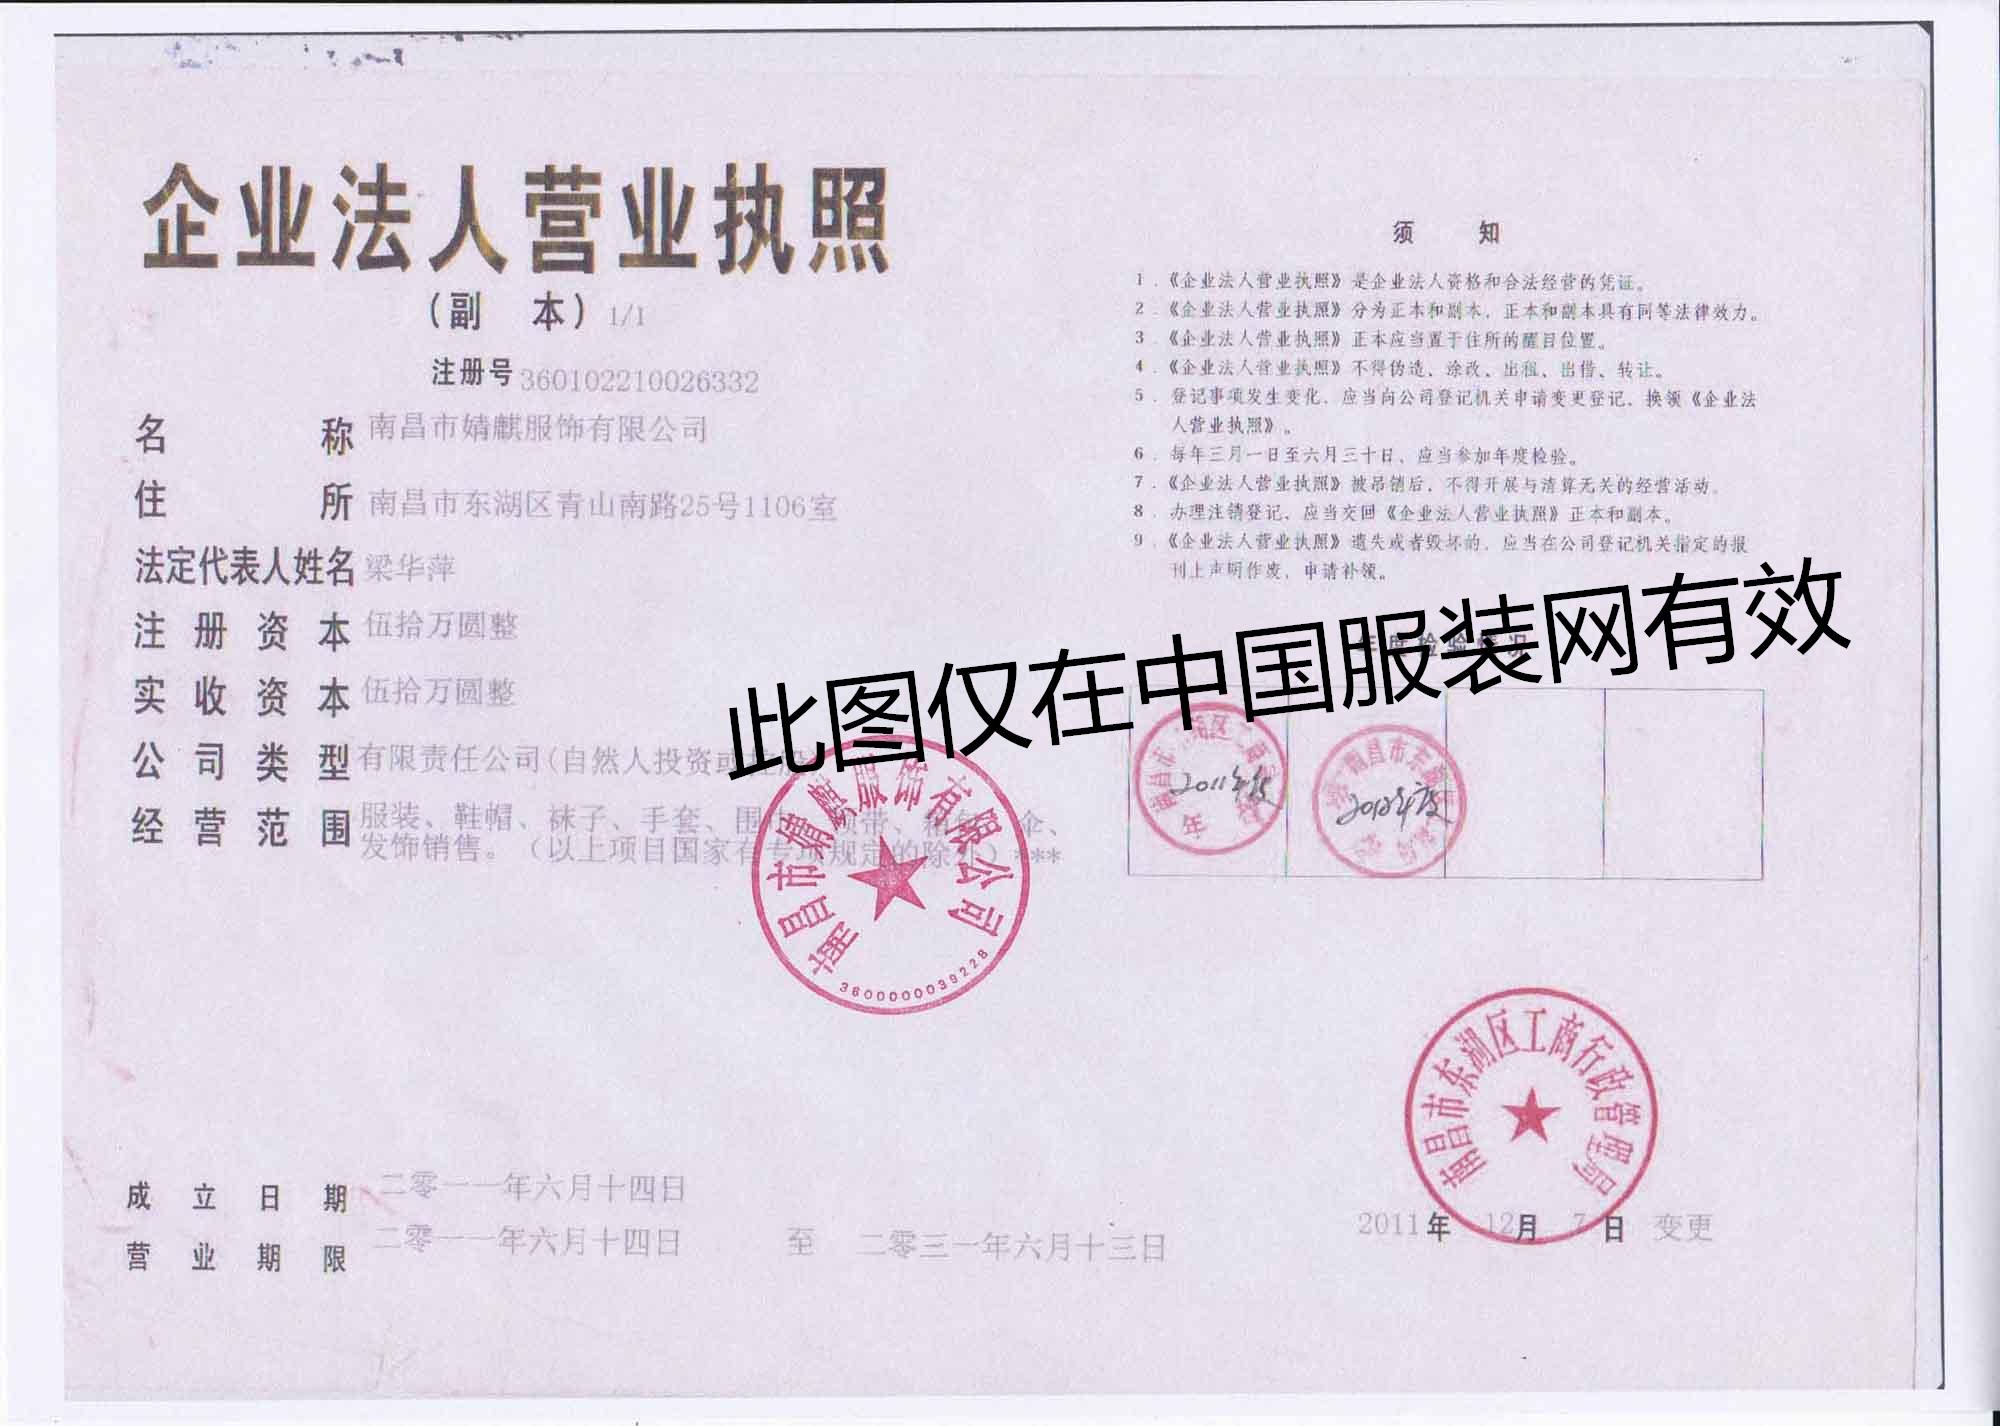 南昌市婧麒服饰有限公司企业档案